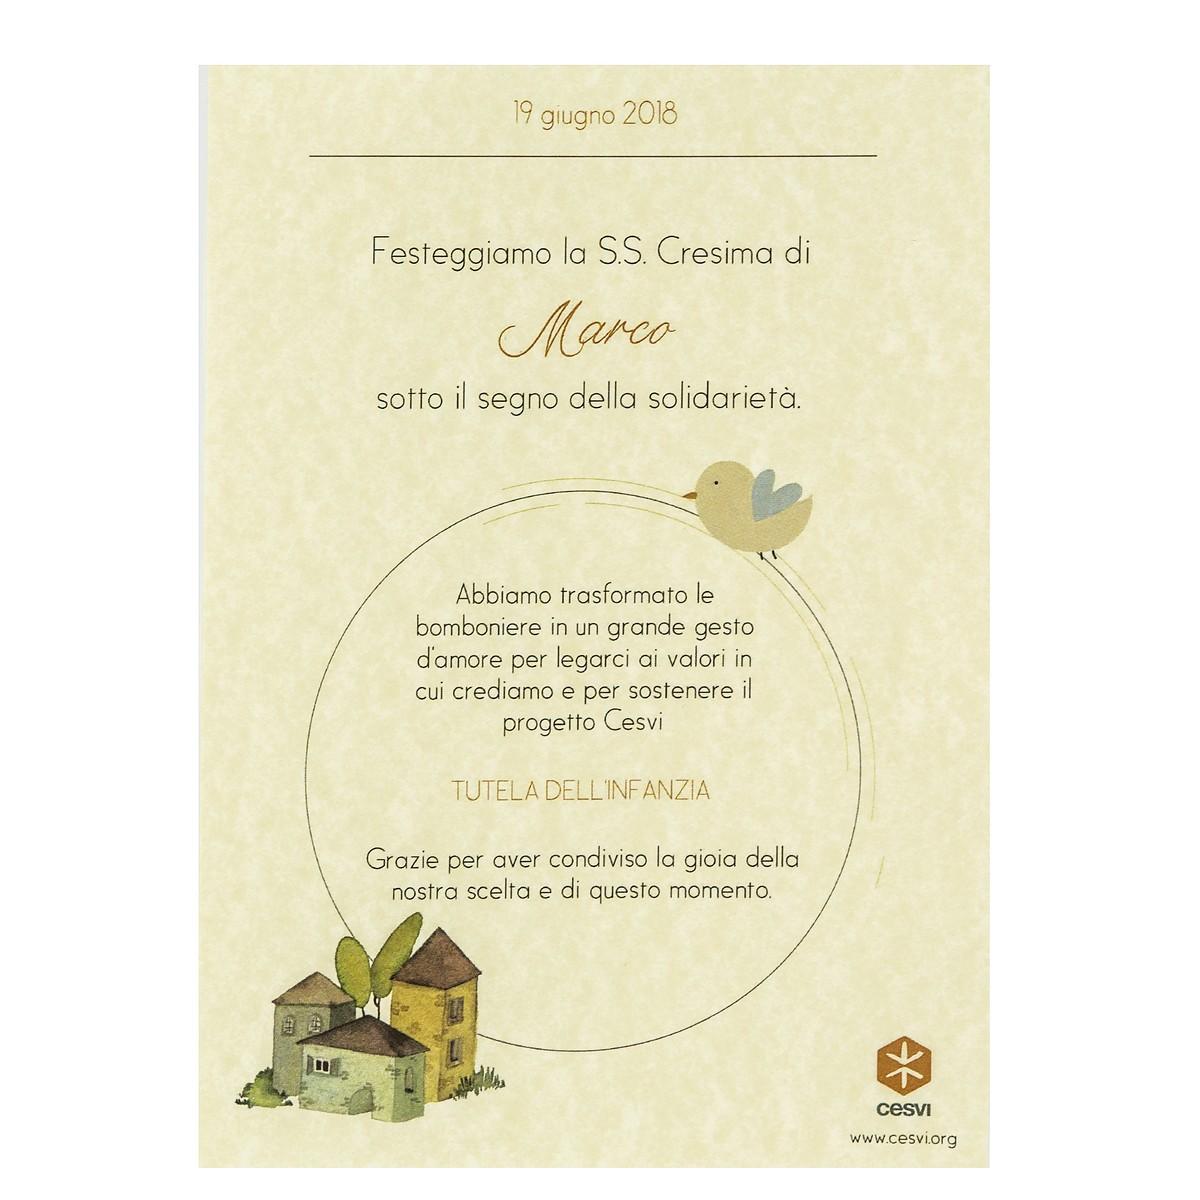 Pergamena_cresima_casetta